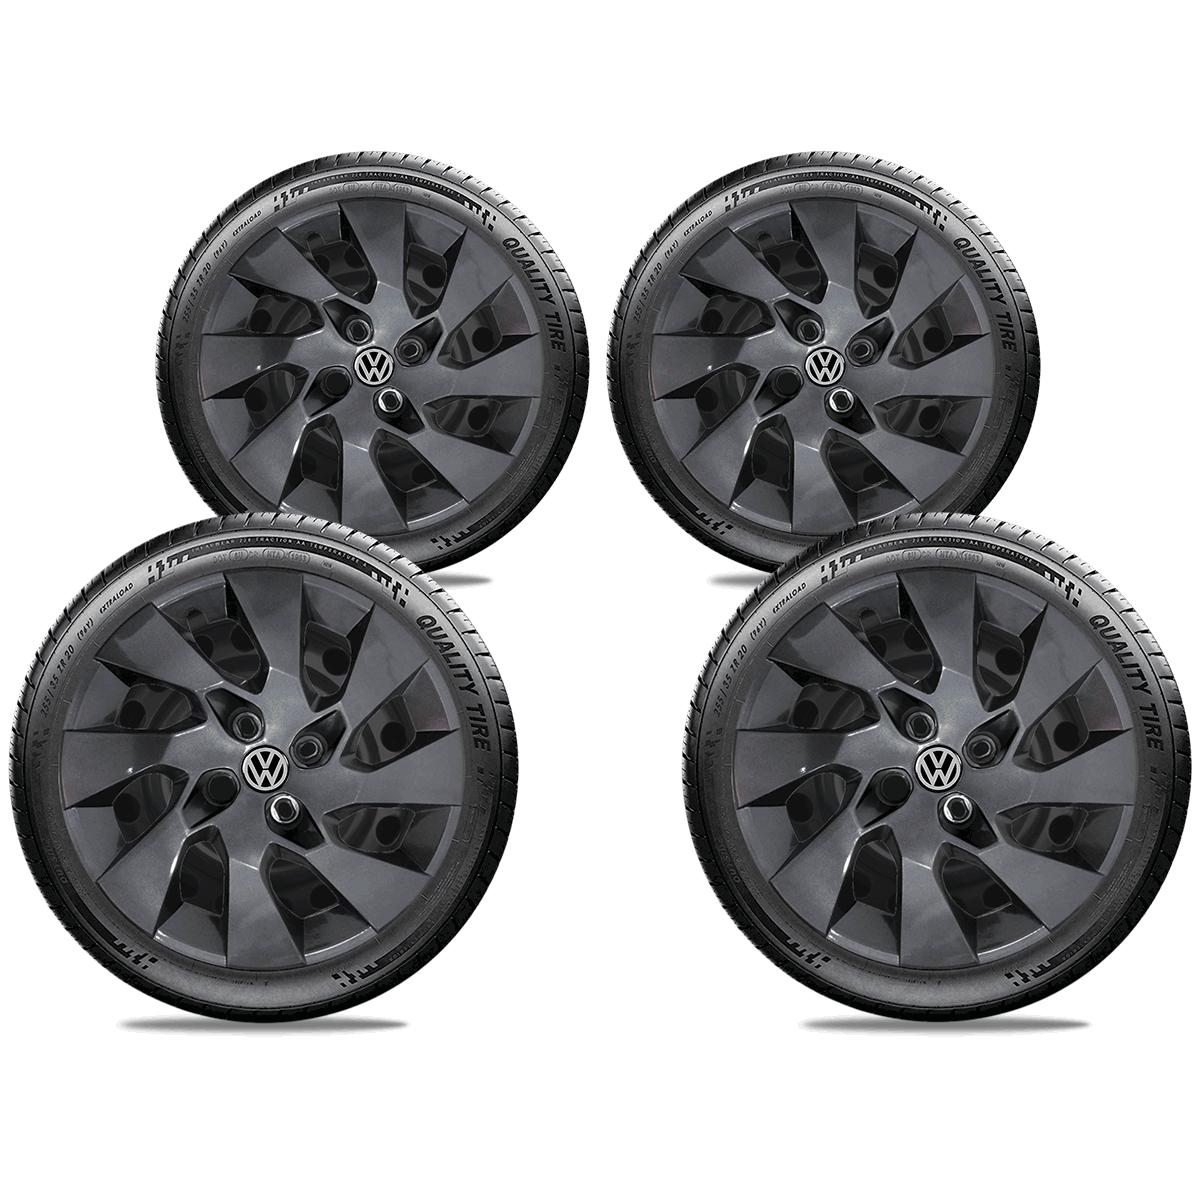 Calota Grafite Jogo 4Pçs Volkswagen Gol G3 G4 G5 G6 G7 Aro 15 G195Gftj